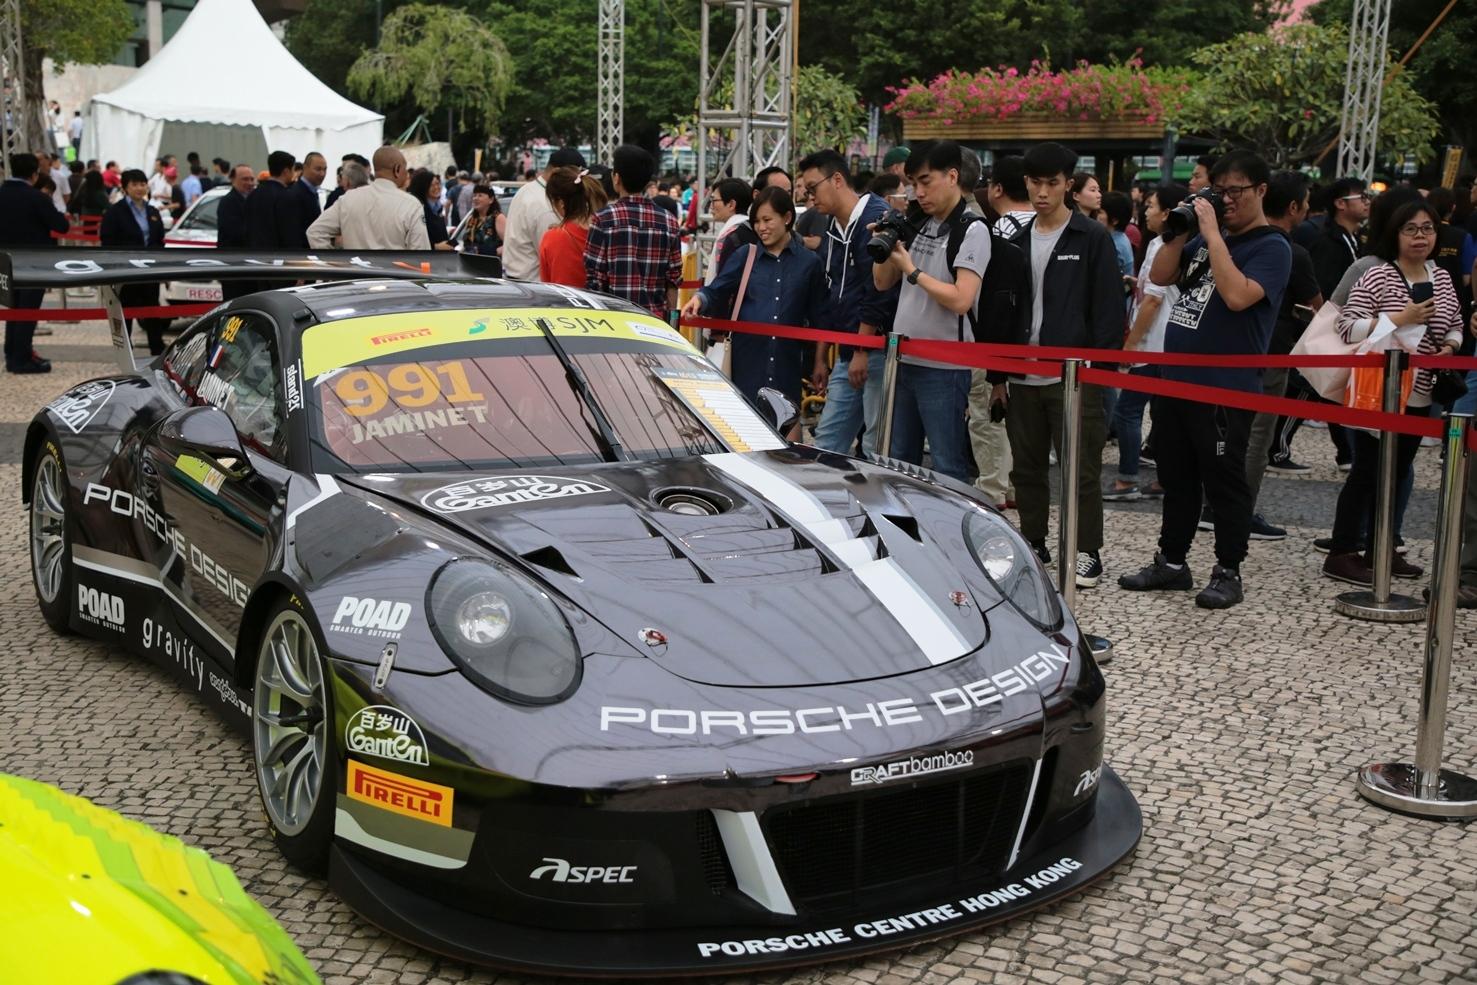 Macau GP week officially underway